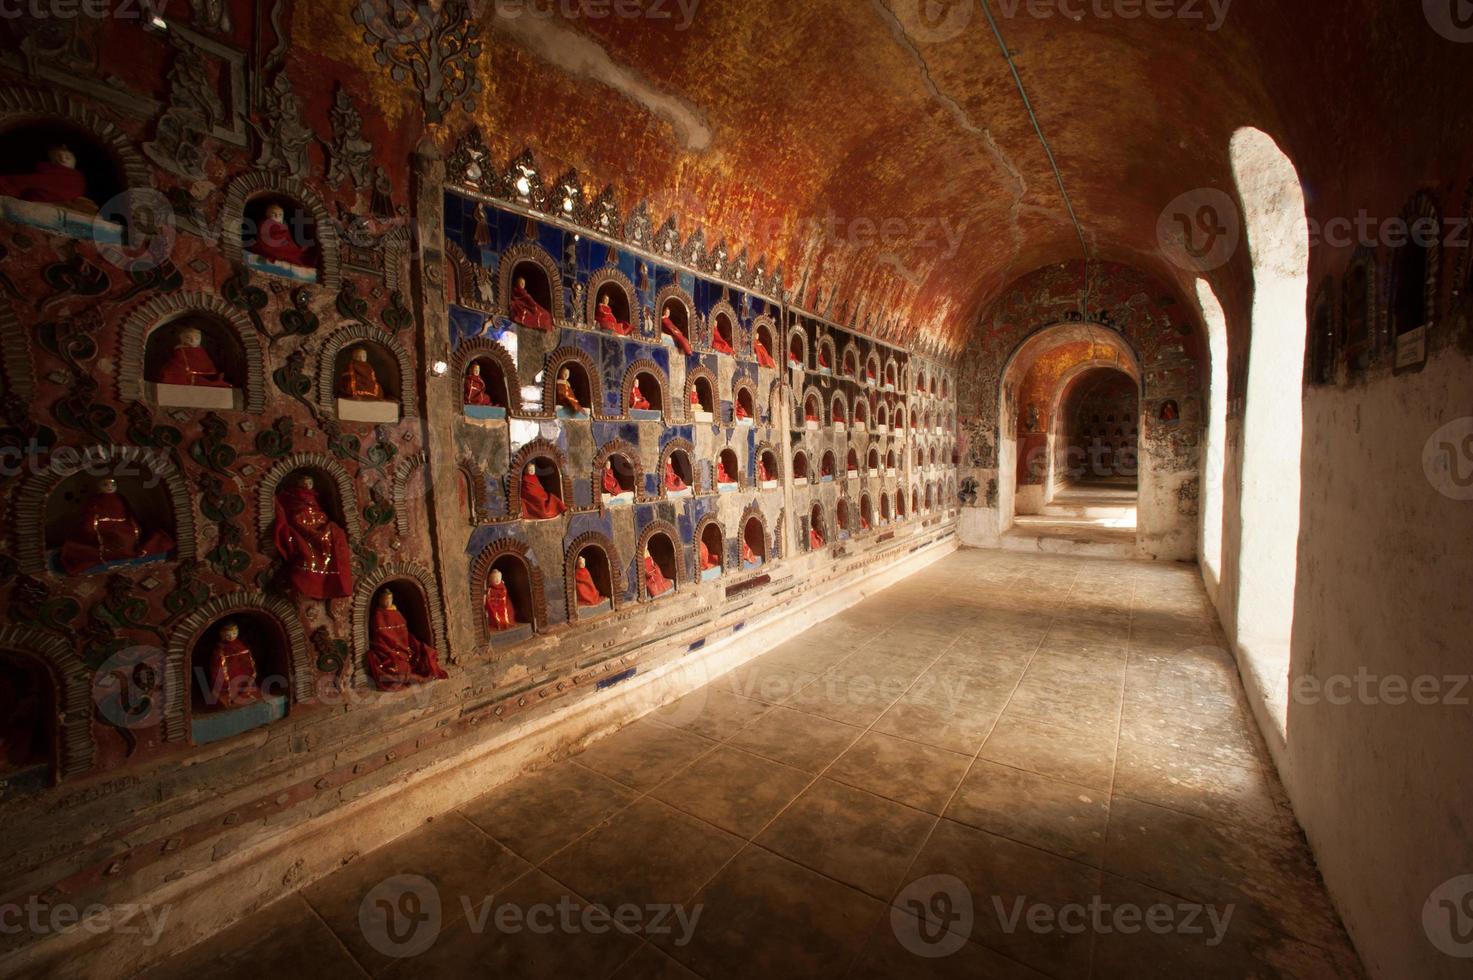 Bouddha dans l'alcôve la pagode murale du temple, myanmar. photo